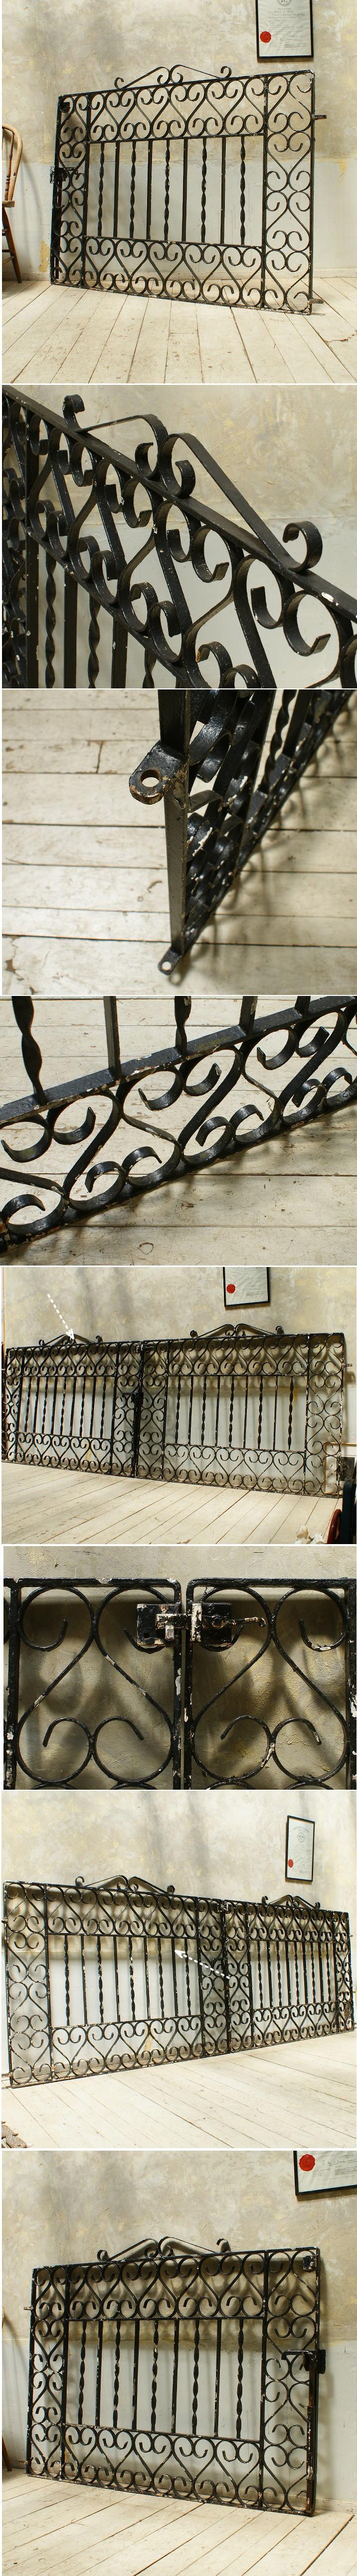 イギリス アンティーク アイアンフェンス ゲート柵 ガーデニング 5560